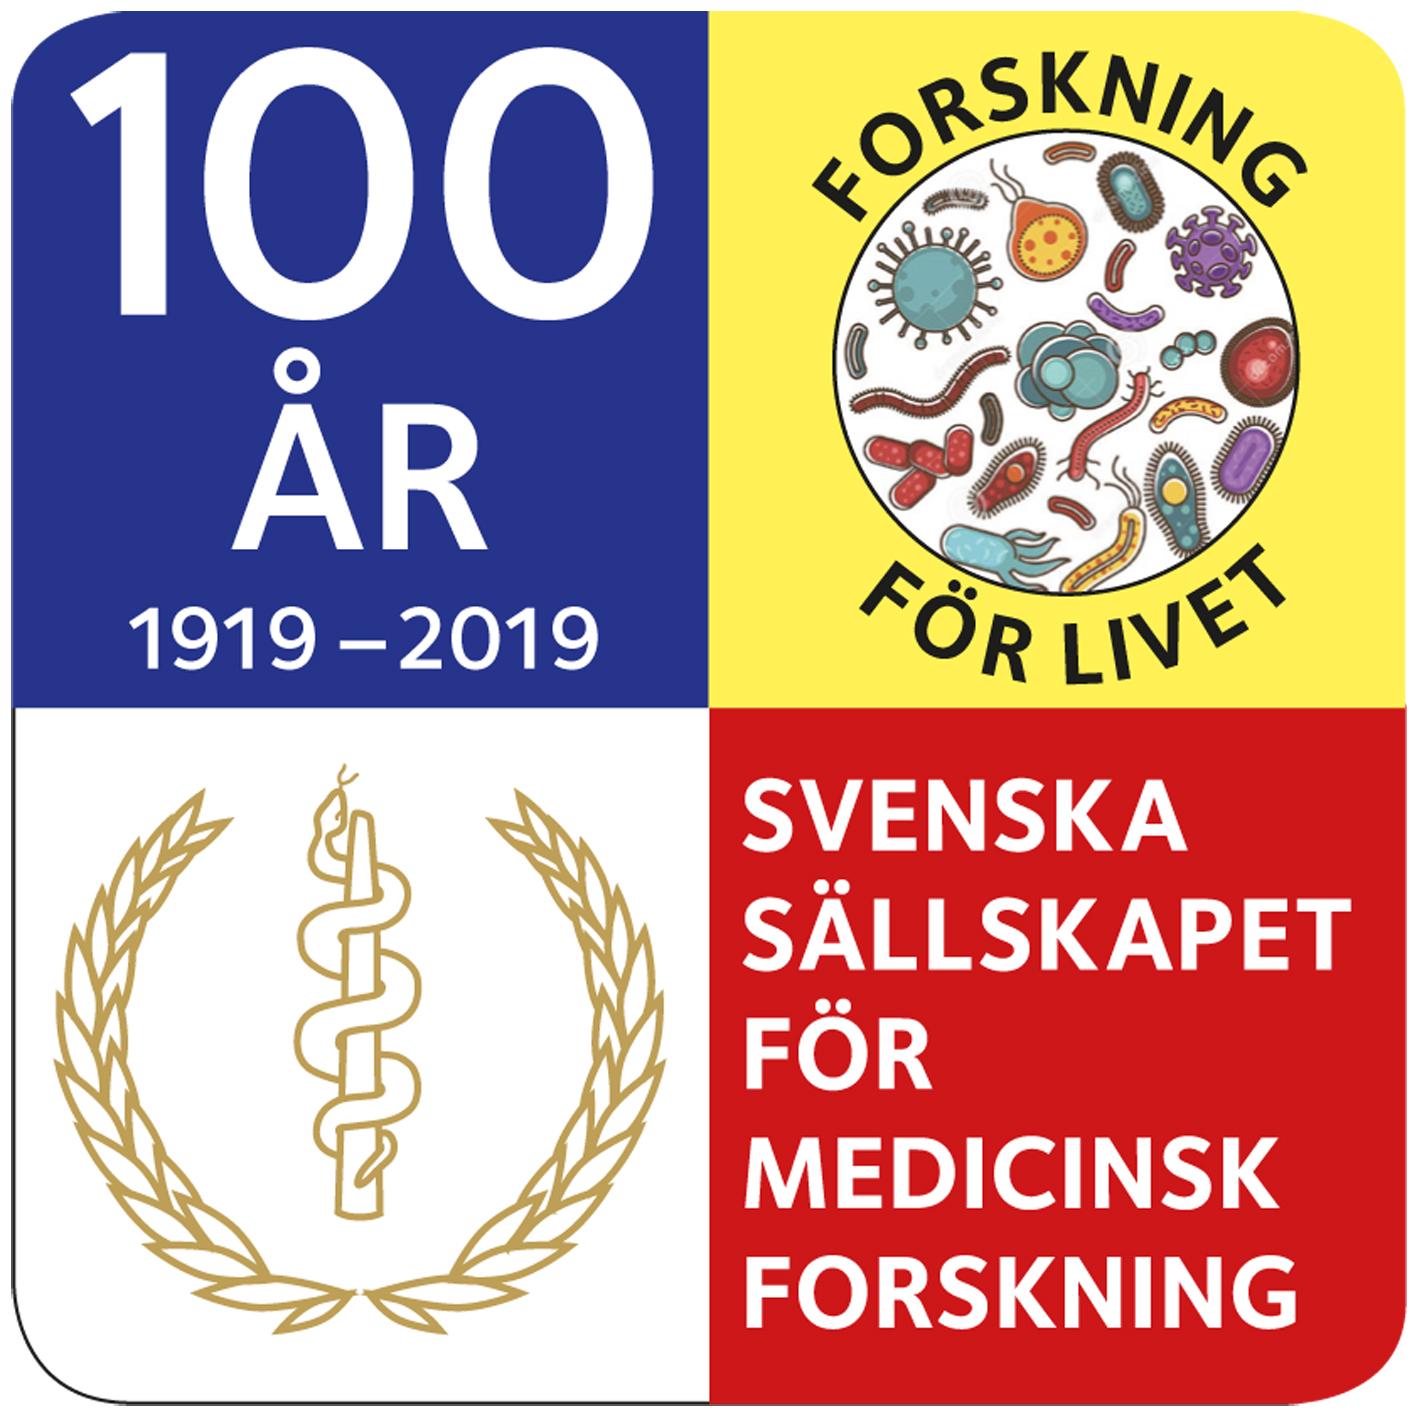 Grattis SSMF till 100årsjubileet idag! Jubileumslogga, framtagen av Garenbergs Konsult